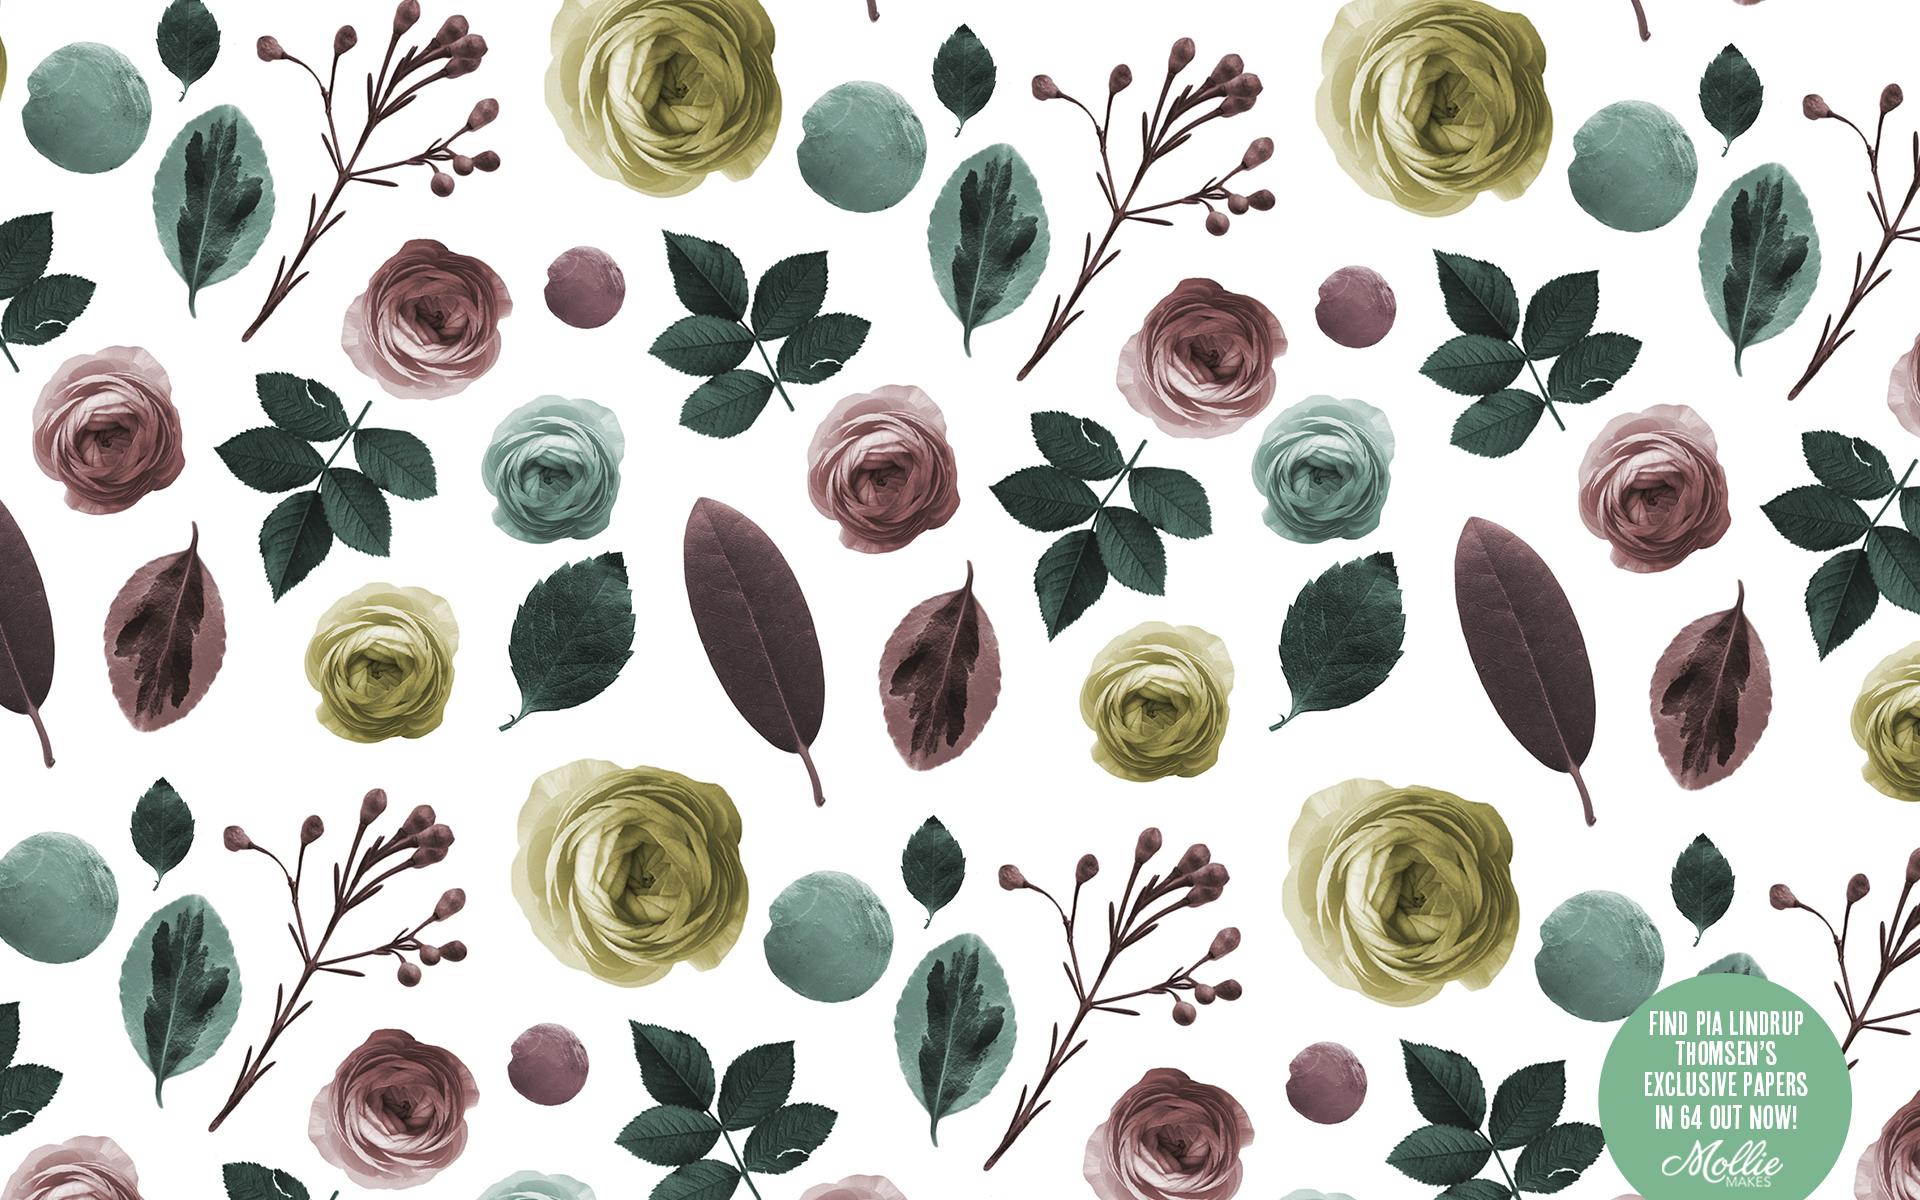 Vintage Wallpaper Vintage Floral Desktop Wallpaper Floral Wallpaper Desktop 1920x1200 Download Hd Wallpaper Wallpapertip